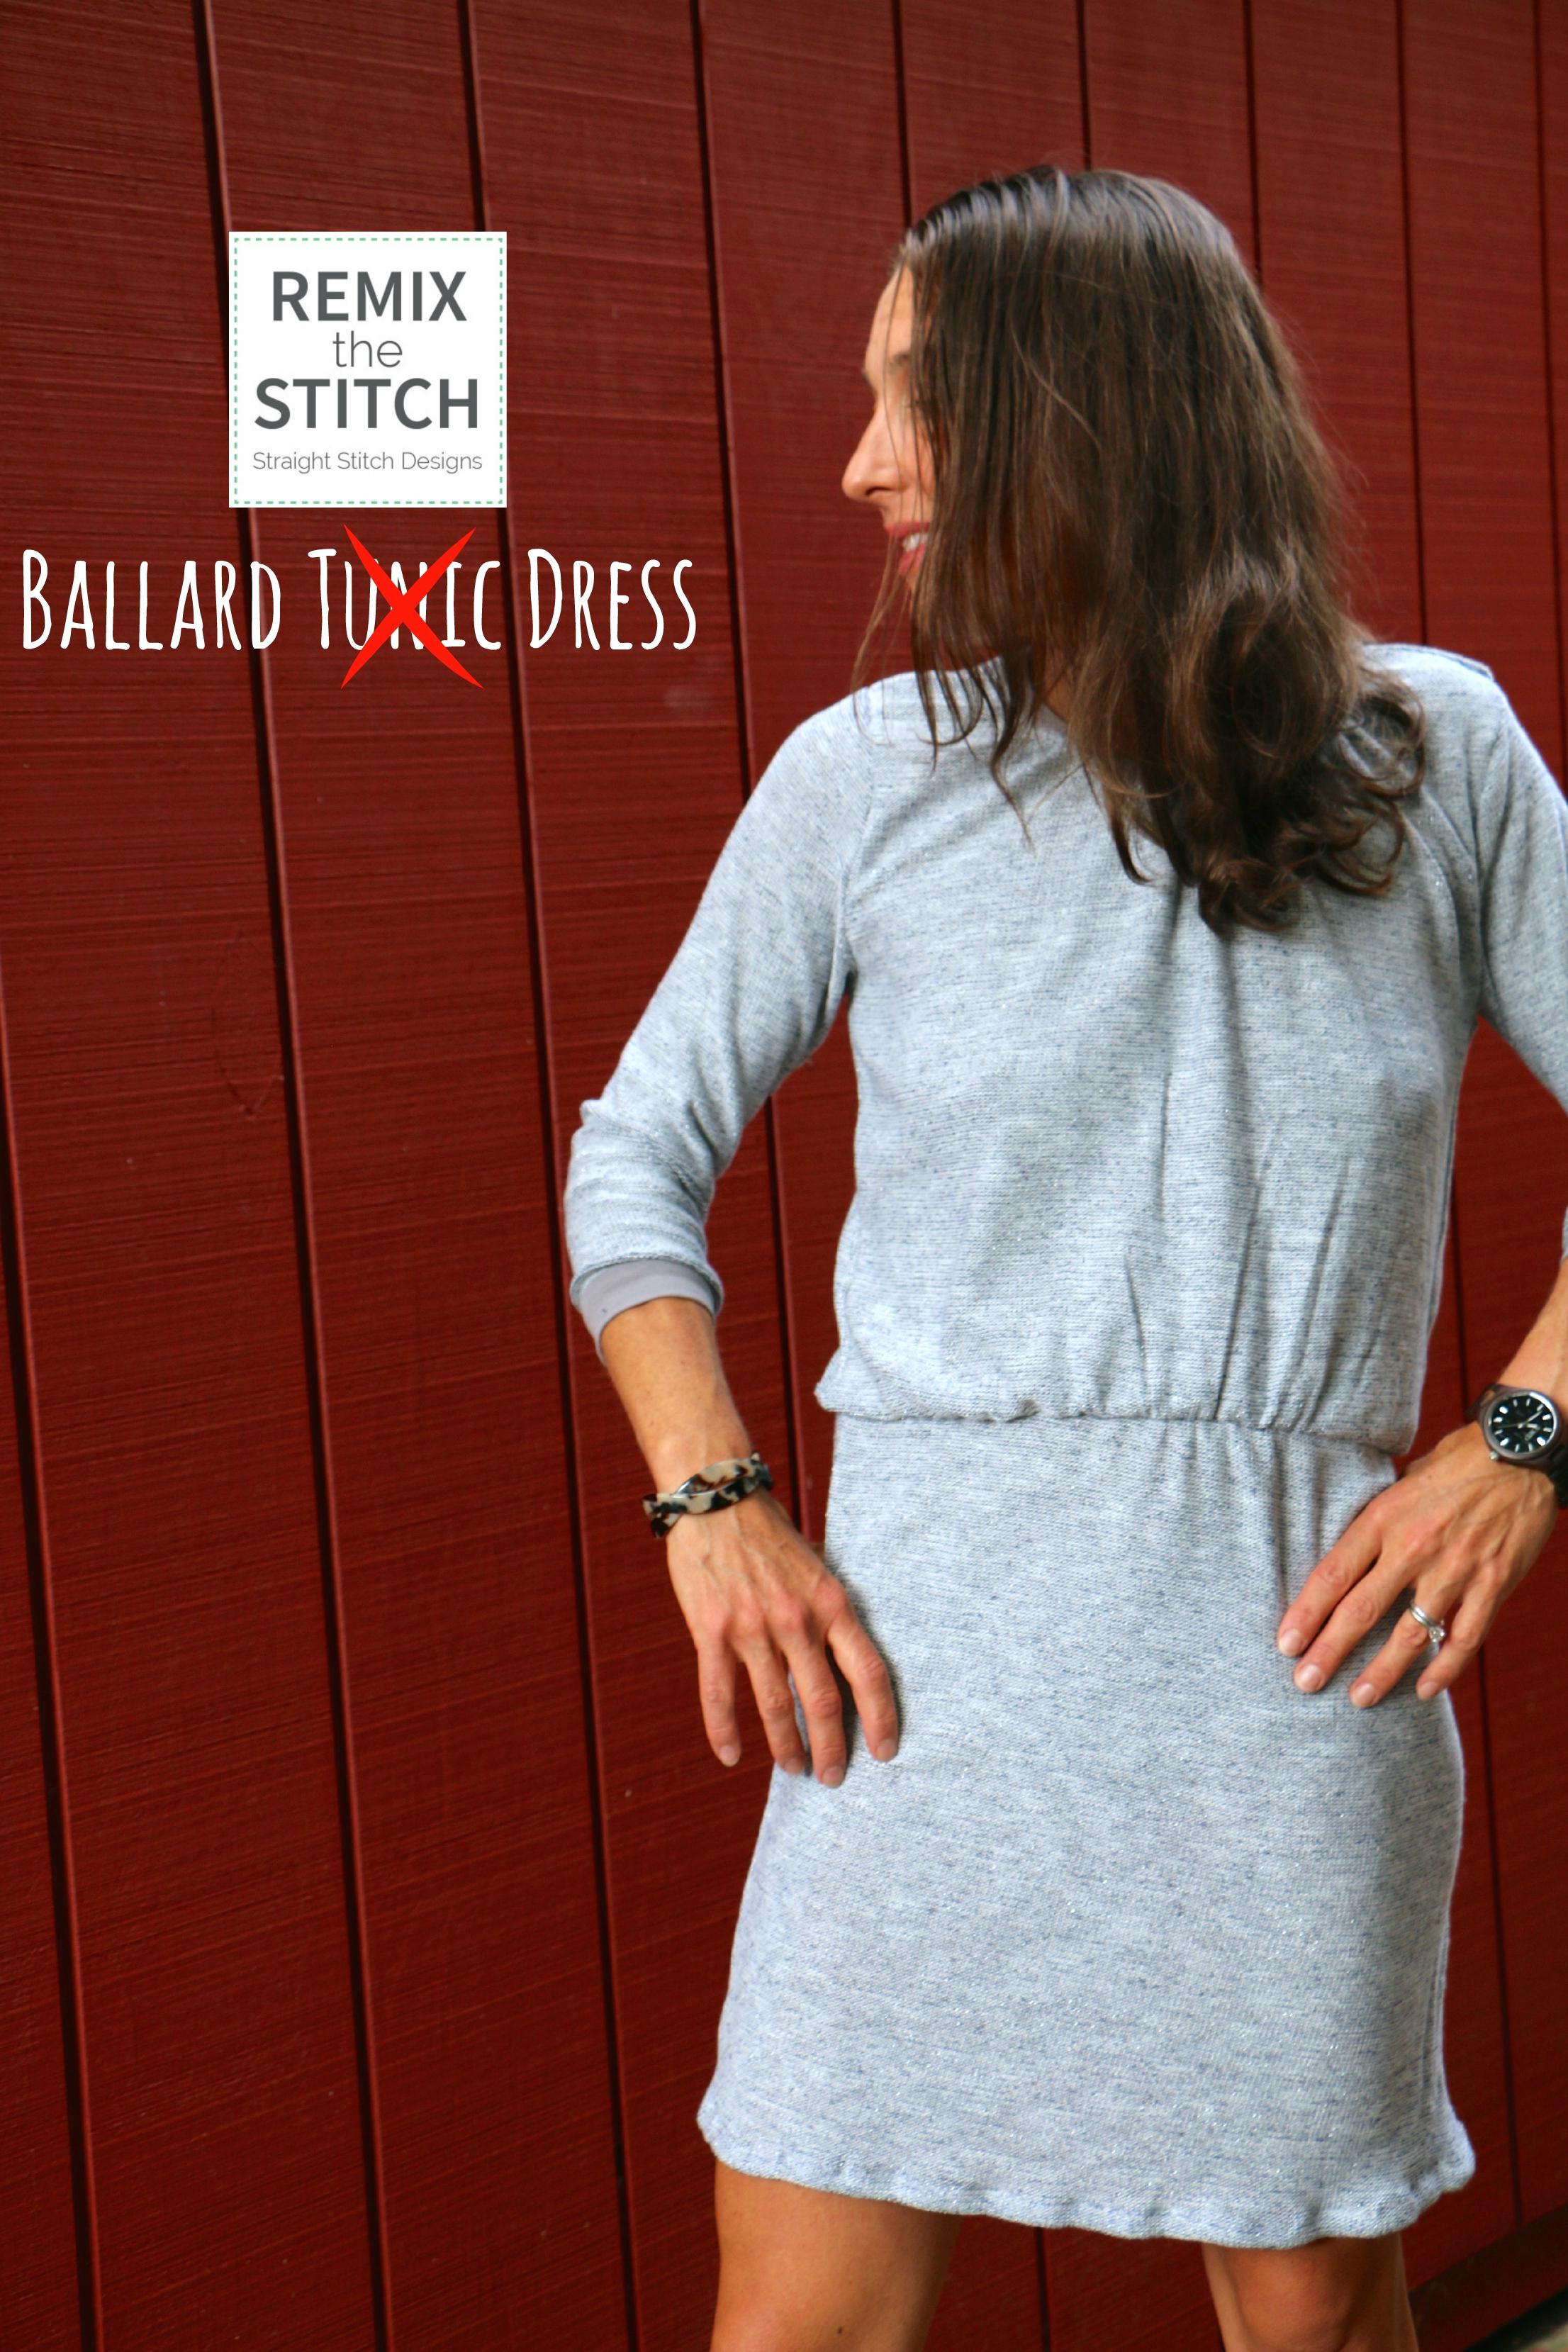 Remix the Stitch, Ballard Top to Dress    - Buzzmills